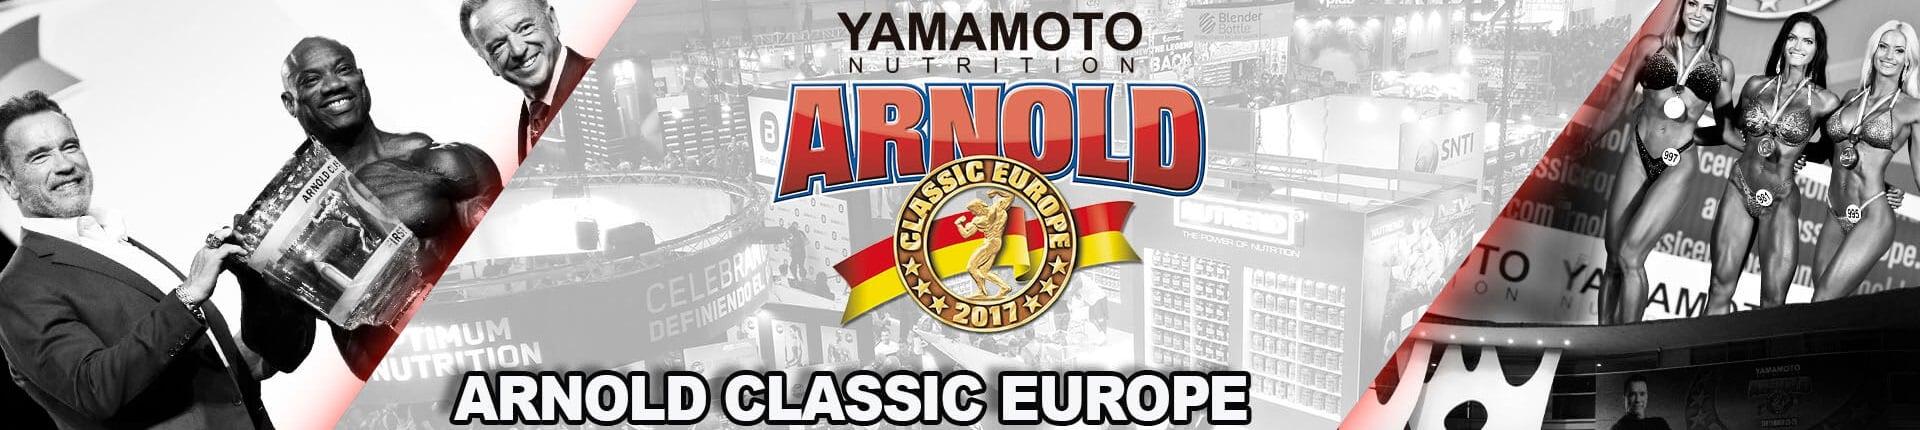 22-24.09.2017 Arnold Classic Europe - Wyniki